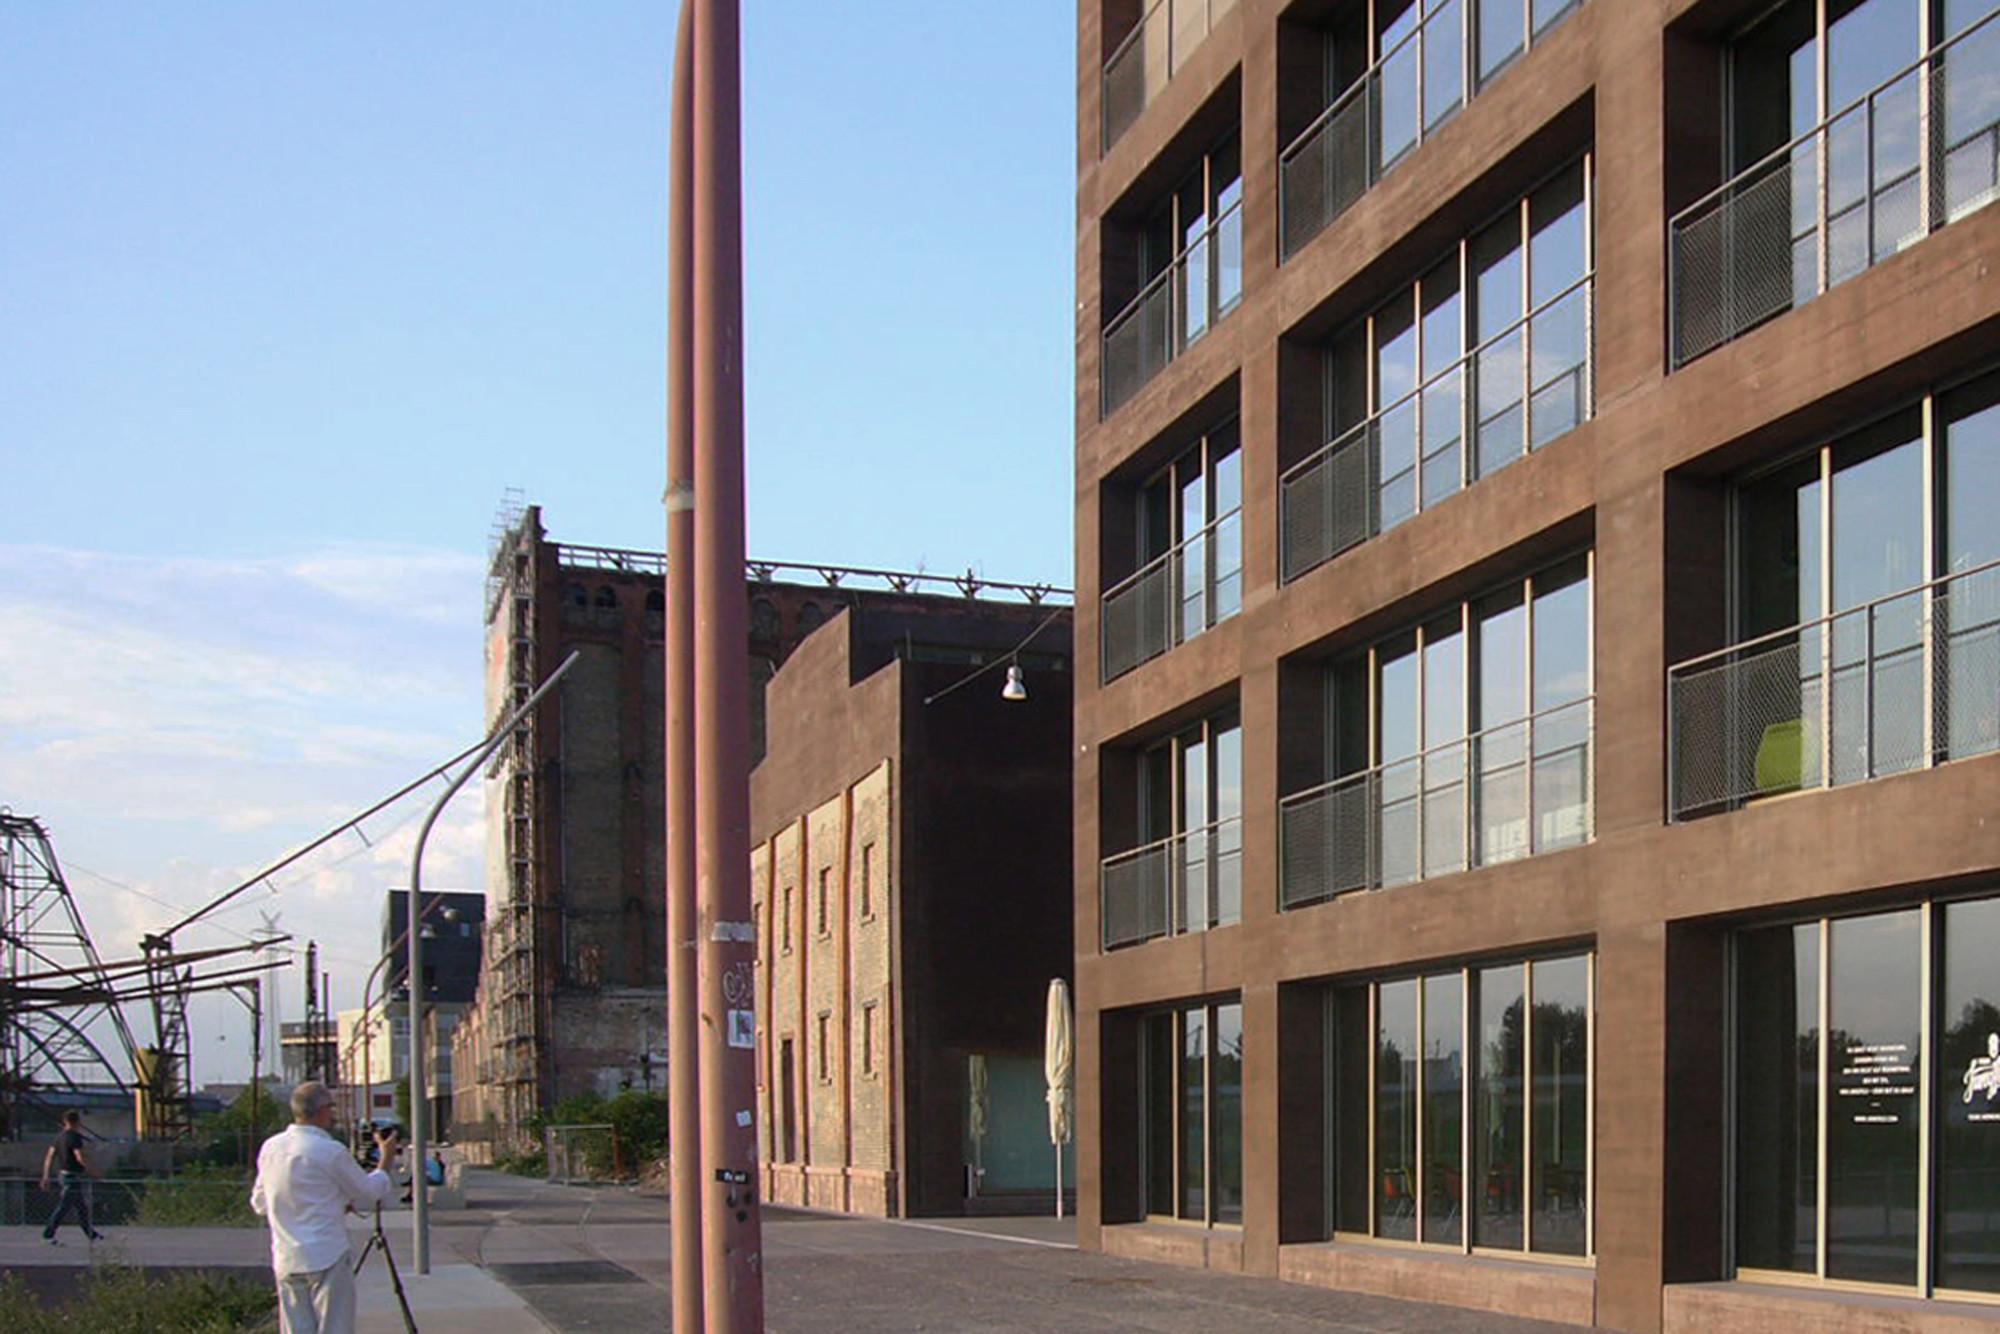 kreativwirtschaftszentrum in mannheim beton kultur baunetz wissen. Black Bedroom Furniture Sets. Home Design Ideas